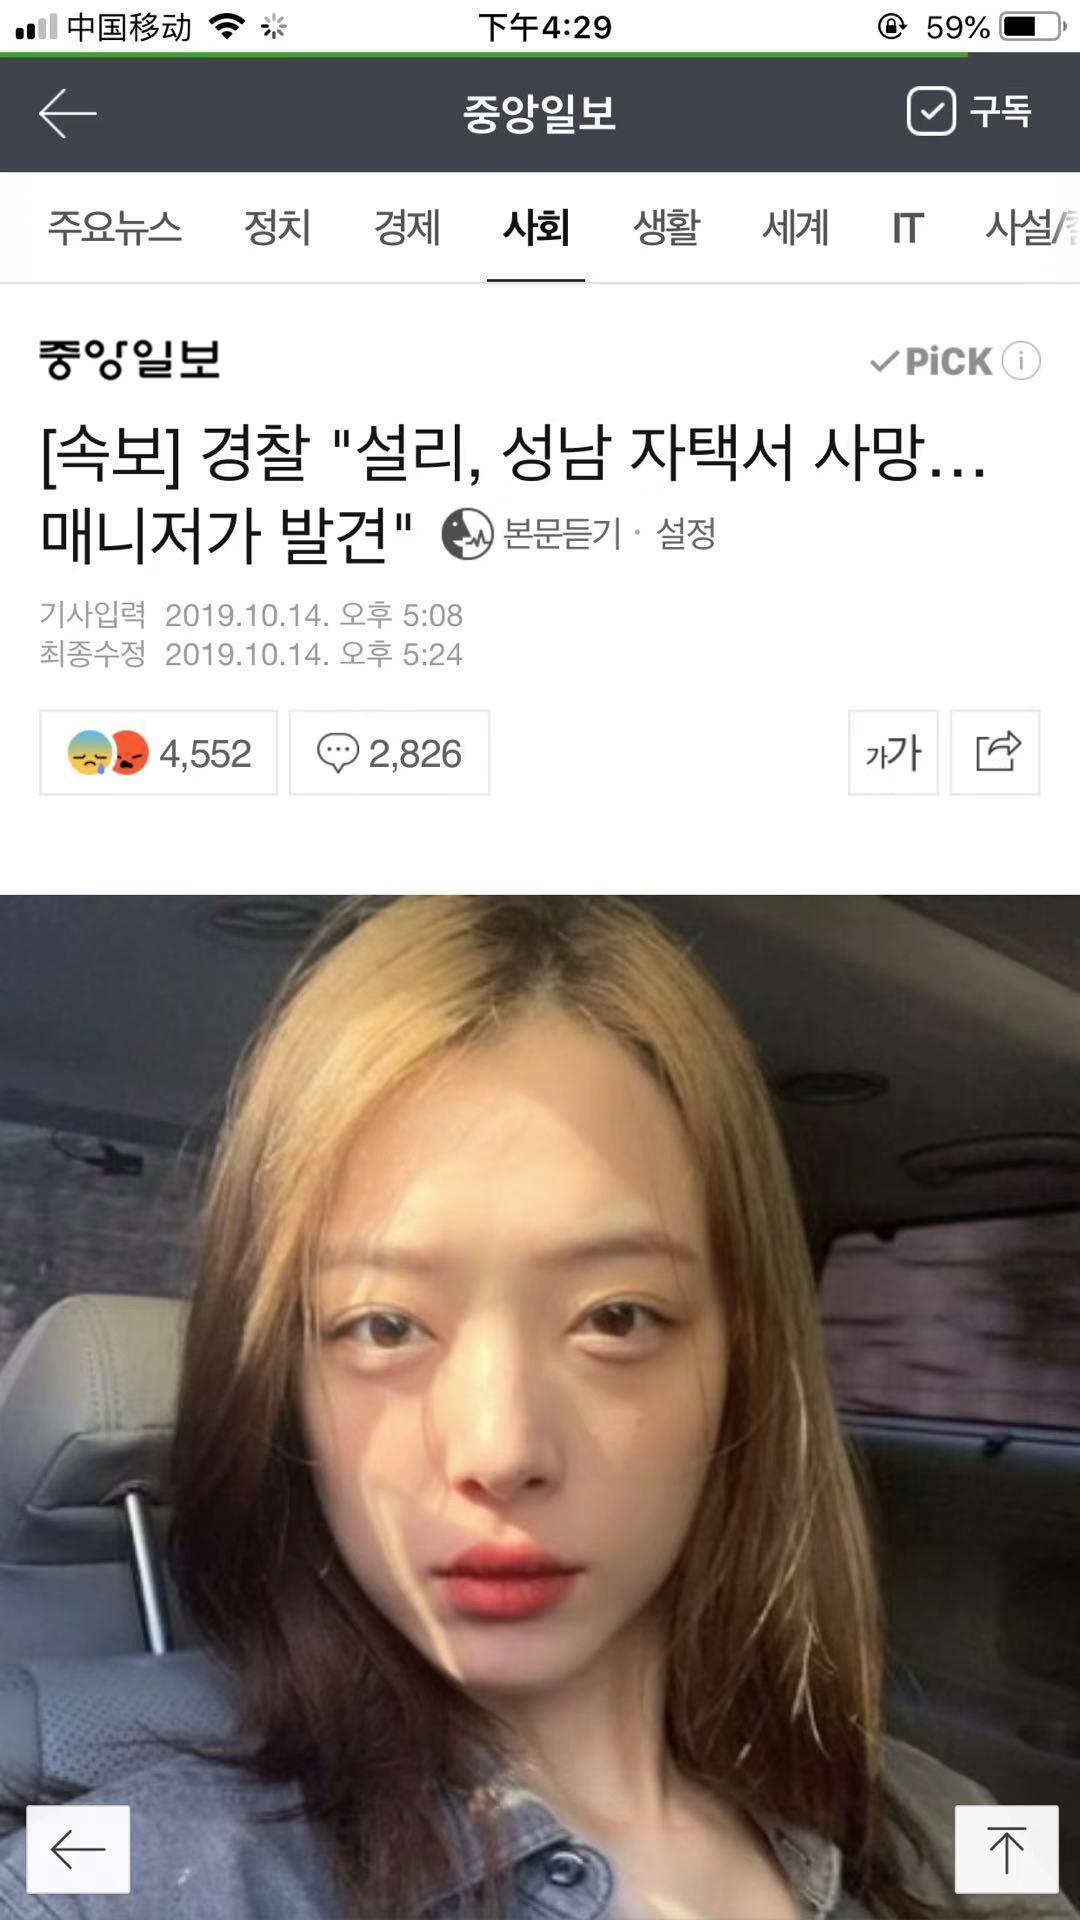 韩媒称韩国艺人崔雪莉被发现死在家中 死因未明